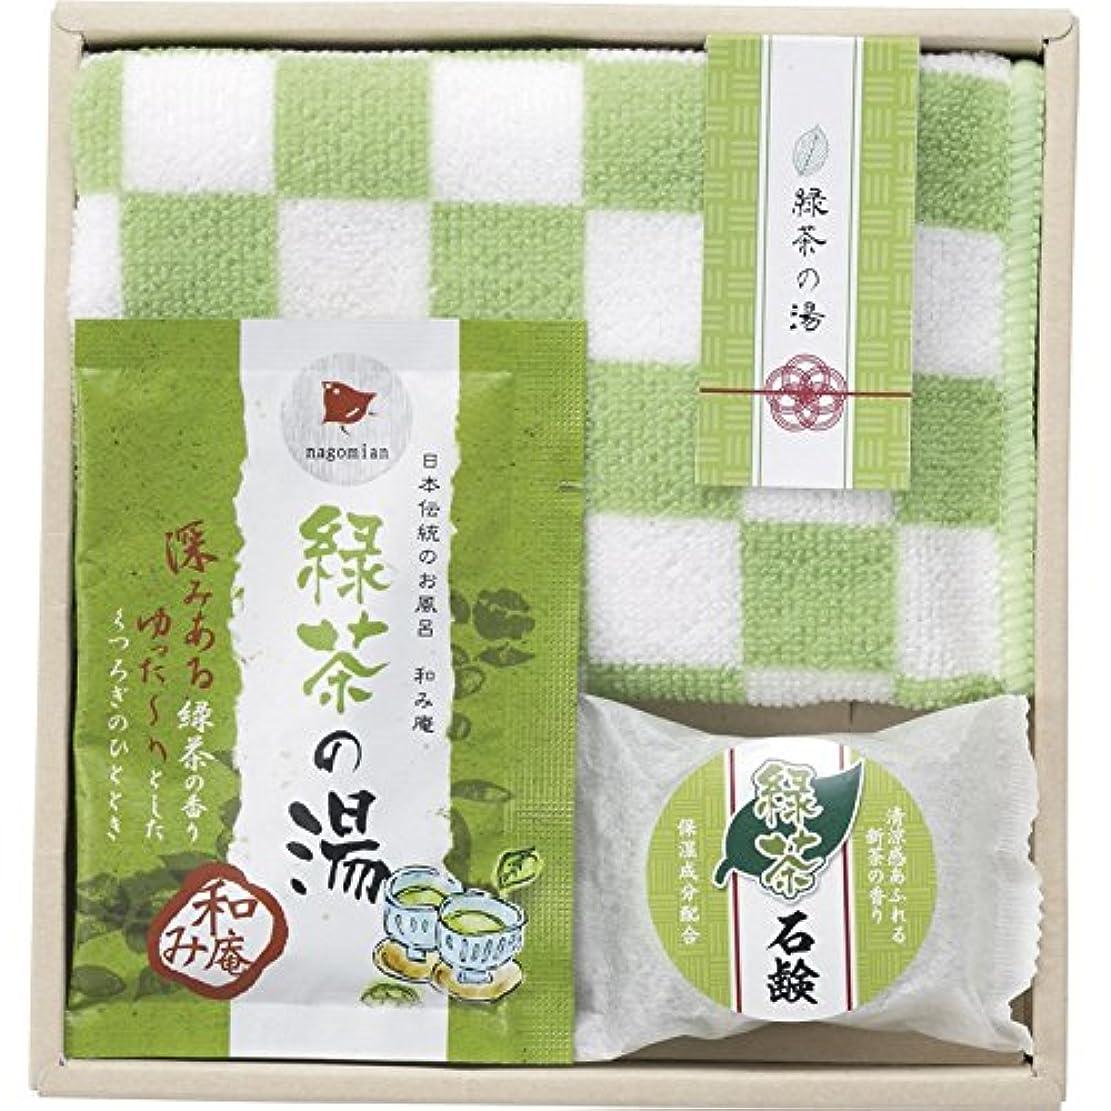 食べる与える時計緑茶の湯入浴セット53 334-53 【洗面所 入浴剤 さくら タオル 石鹸 リラックス おふろ バスグッズ】